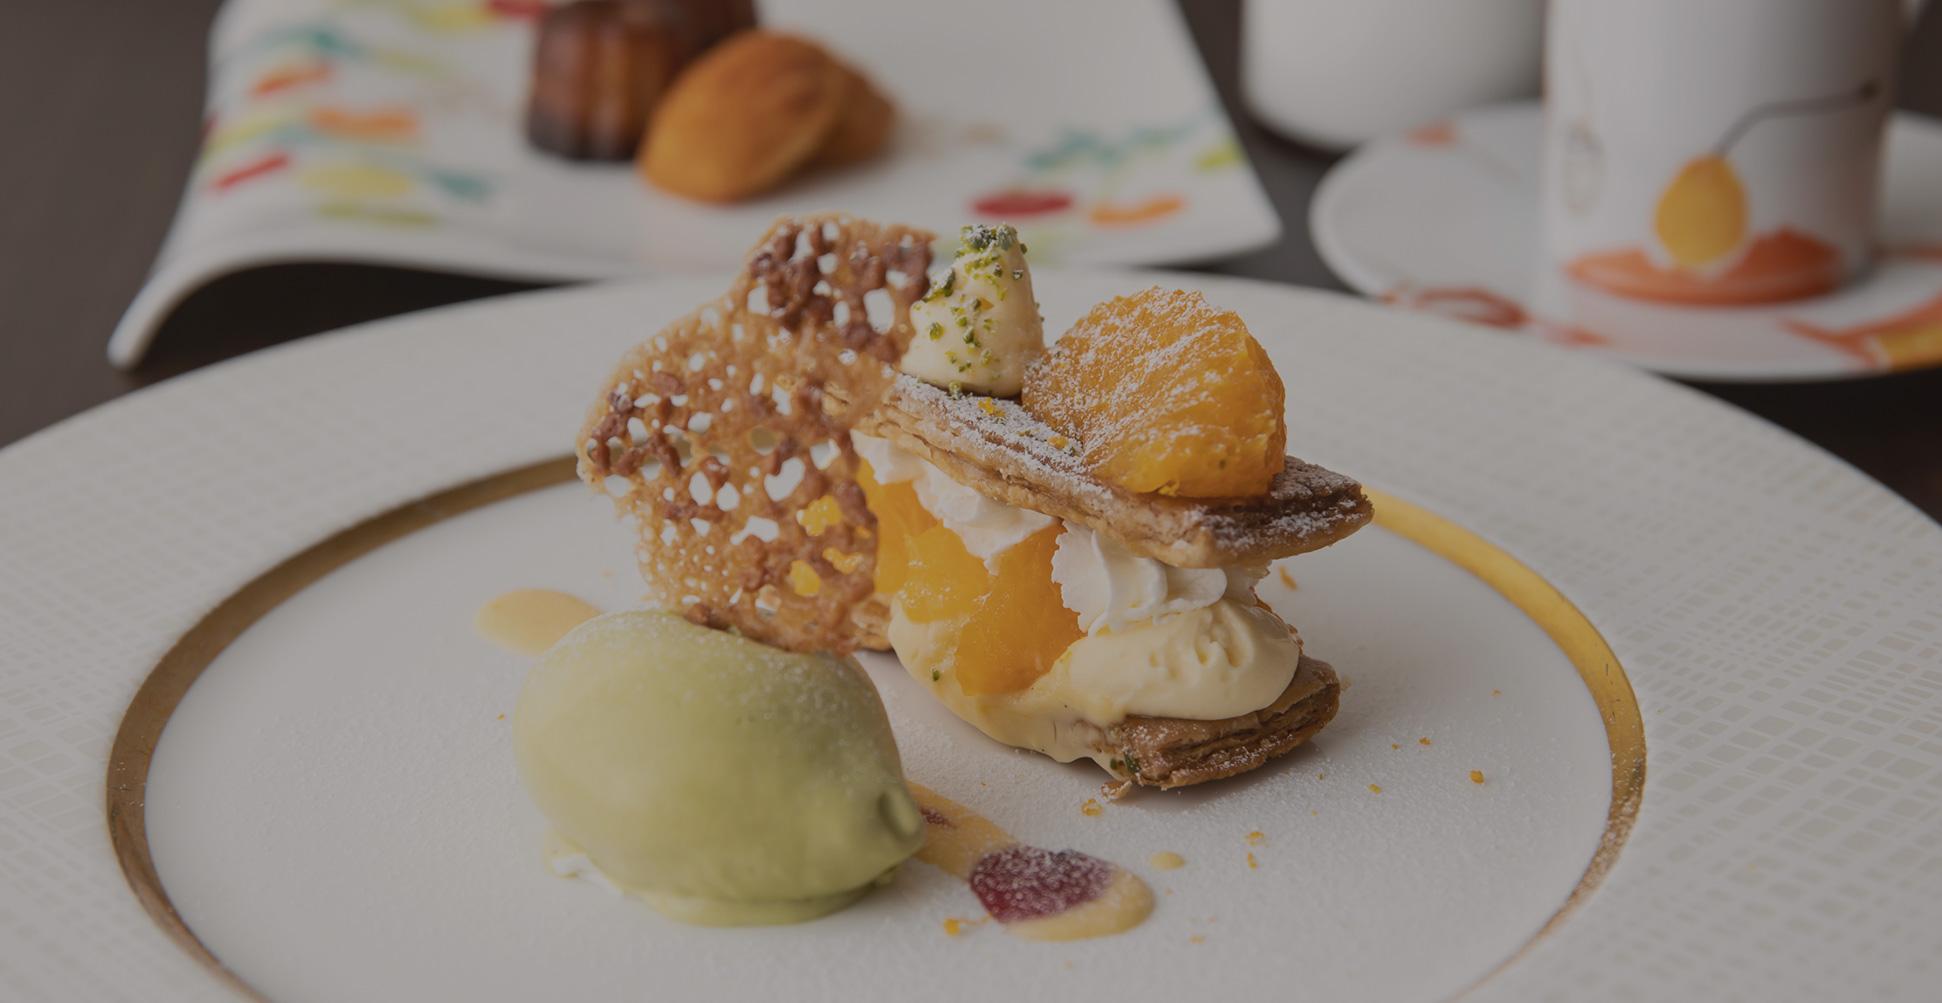 旬な野菜が食べられるフレンチレストラン Le Potager ル・ポタジェ